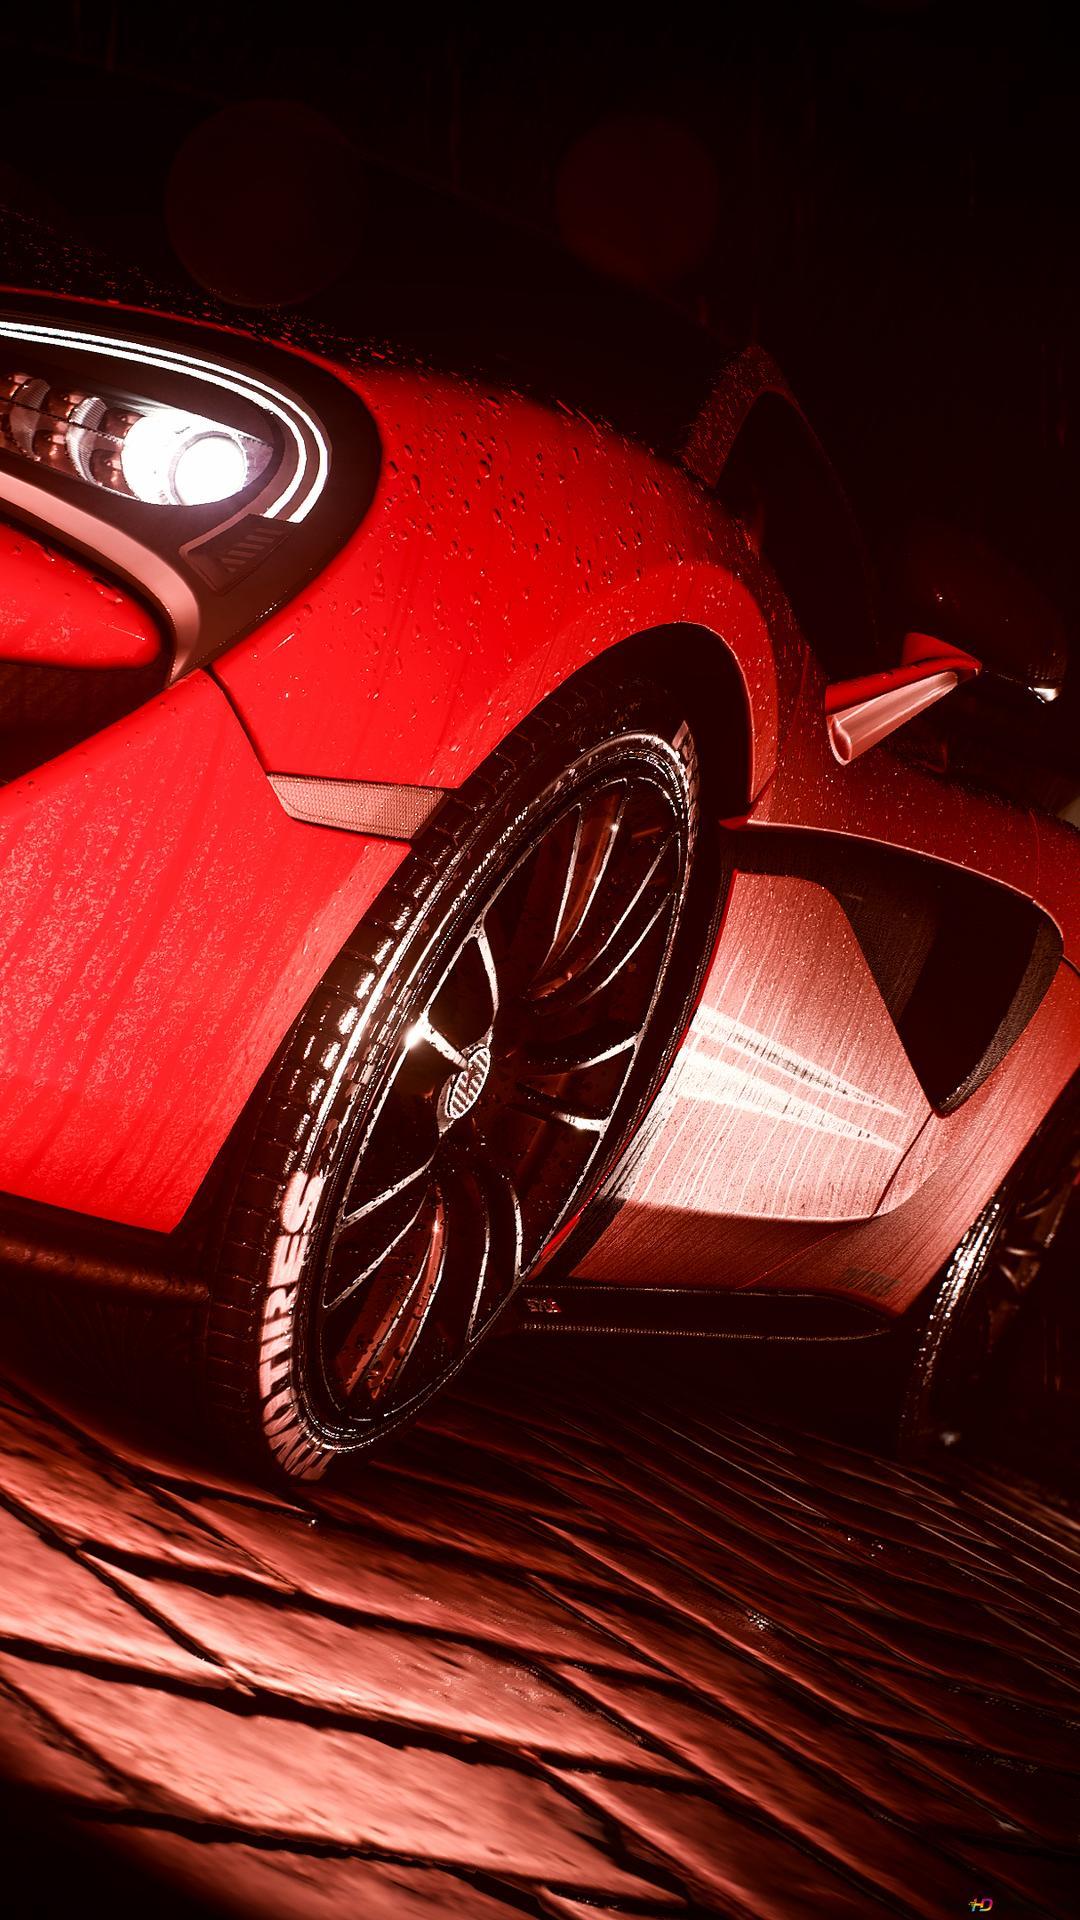 Need For Speed Mclaren 570s Hd Wallpaper Download